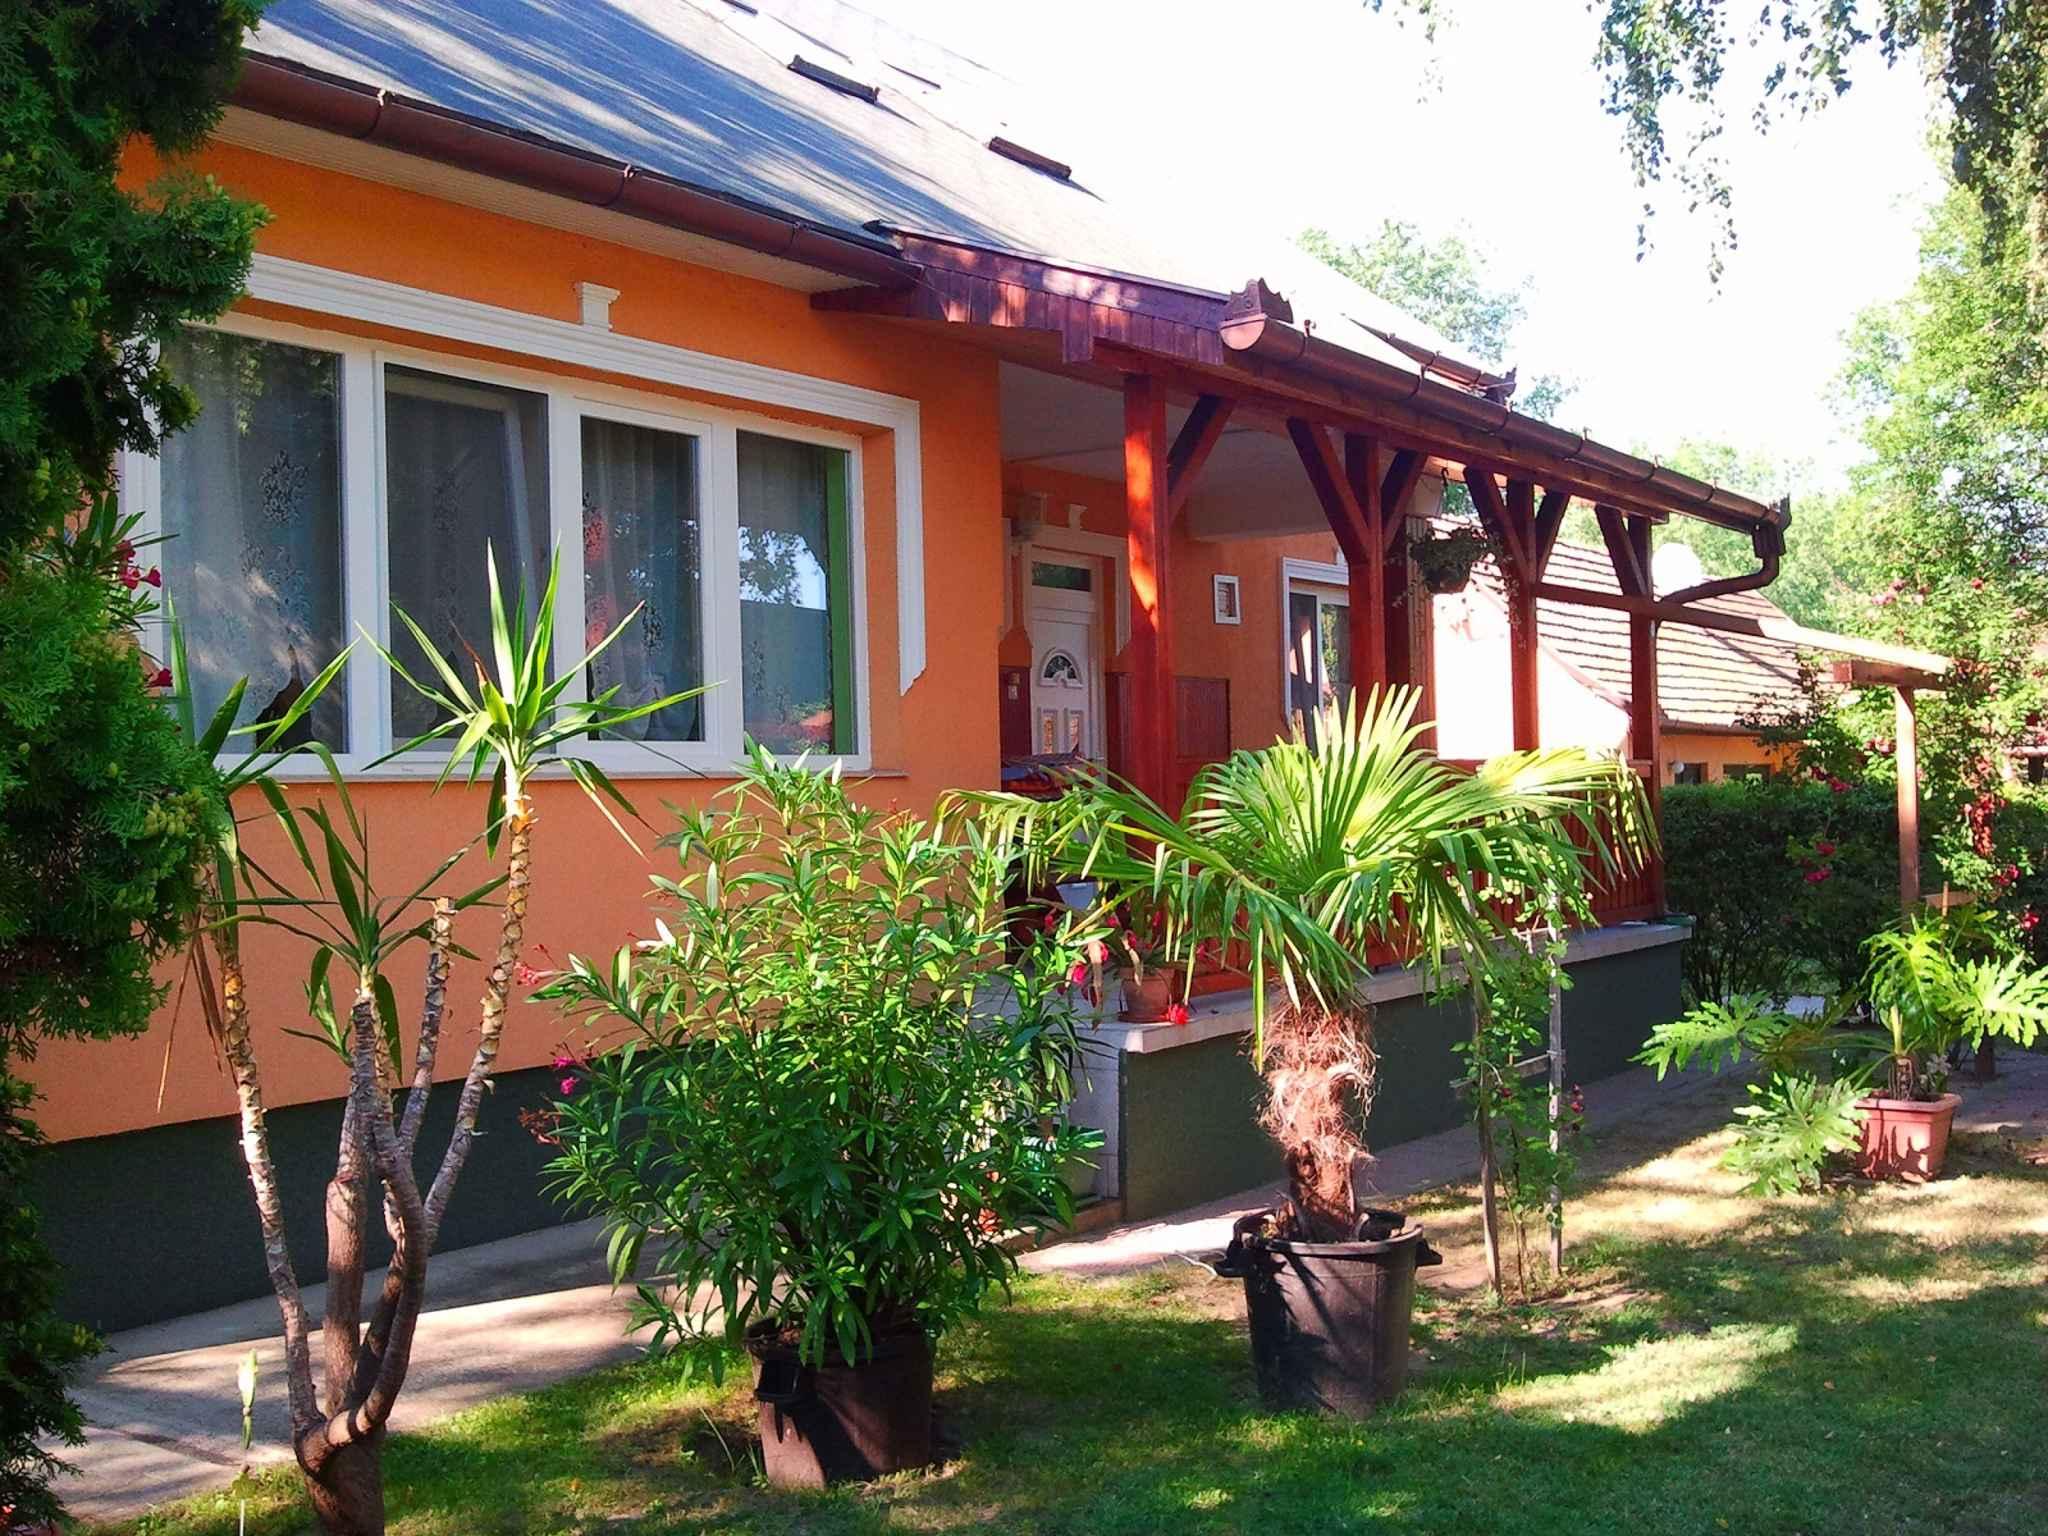 Ferienhaus mit Terasse und Grill Ferienhaus  Balatonlelle